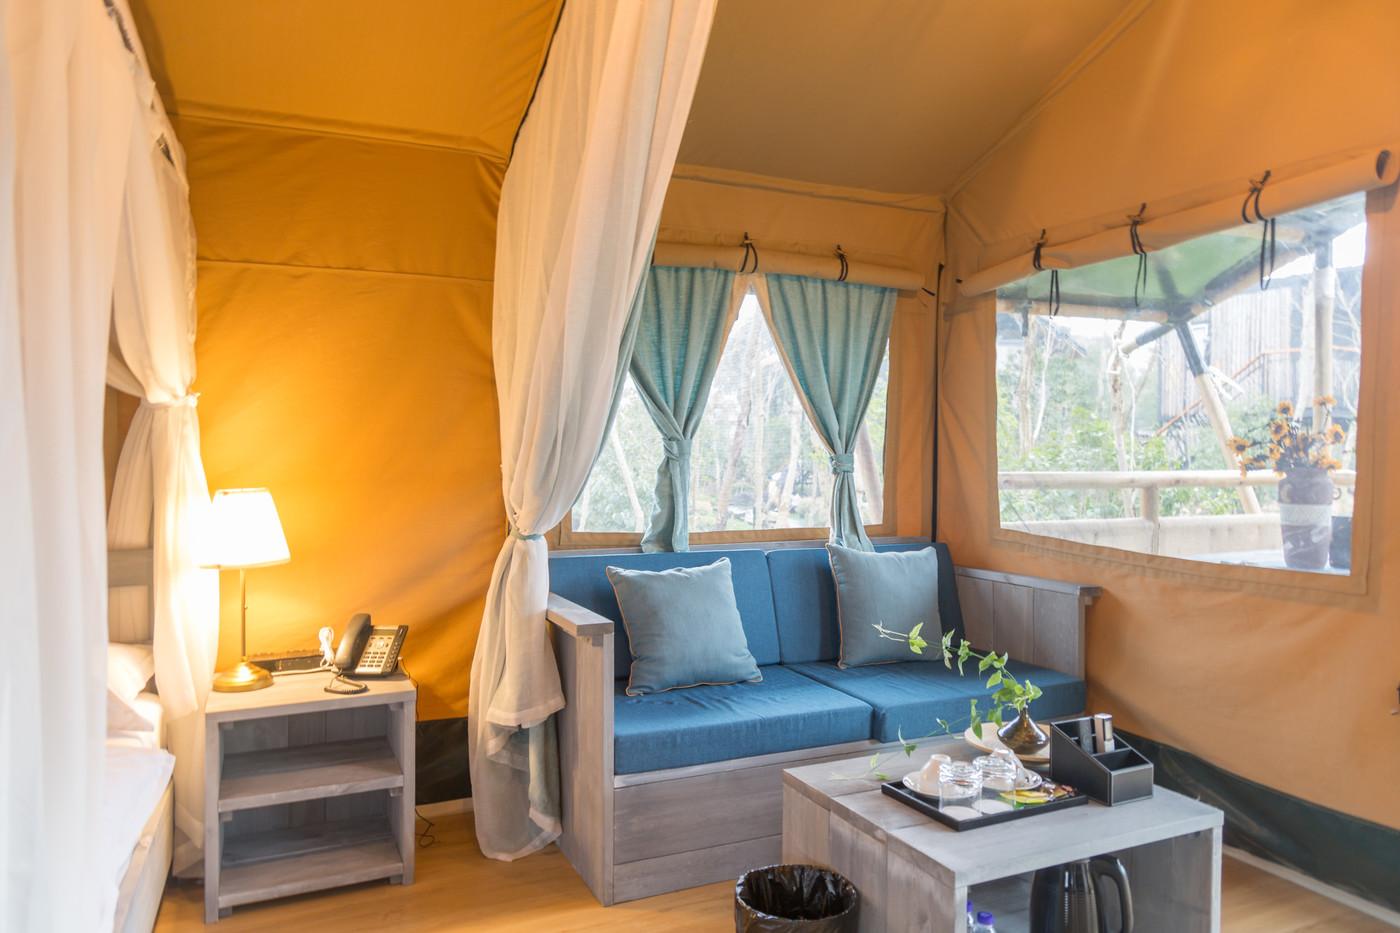 喜马拉雅上海迪士尼邻家营地子母房平地帐篷酒店19